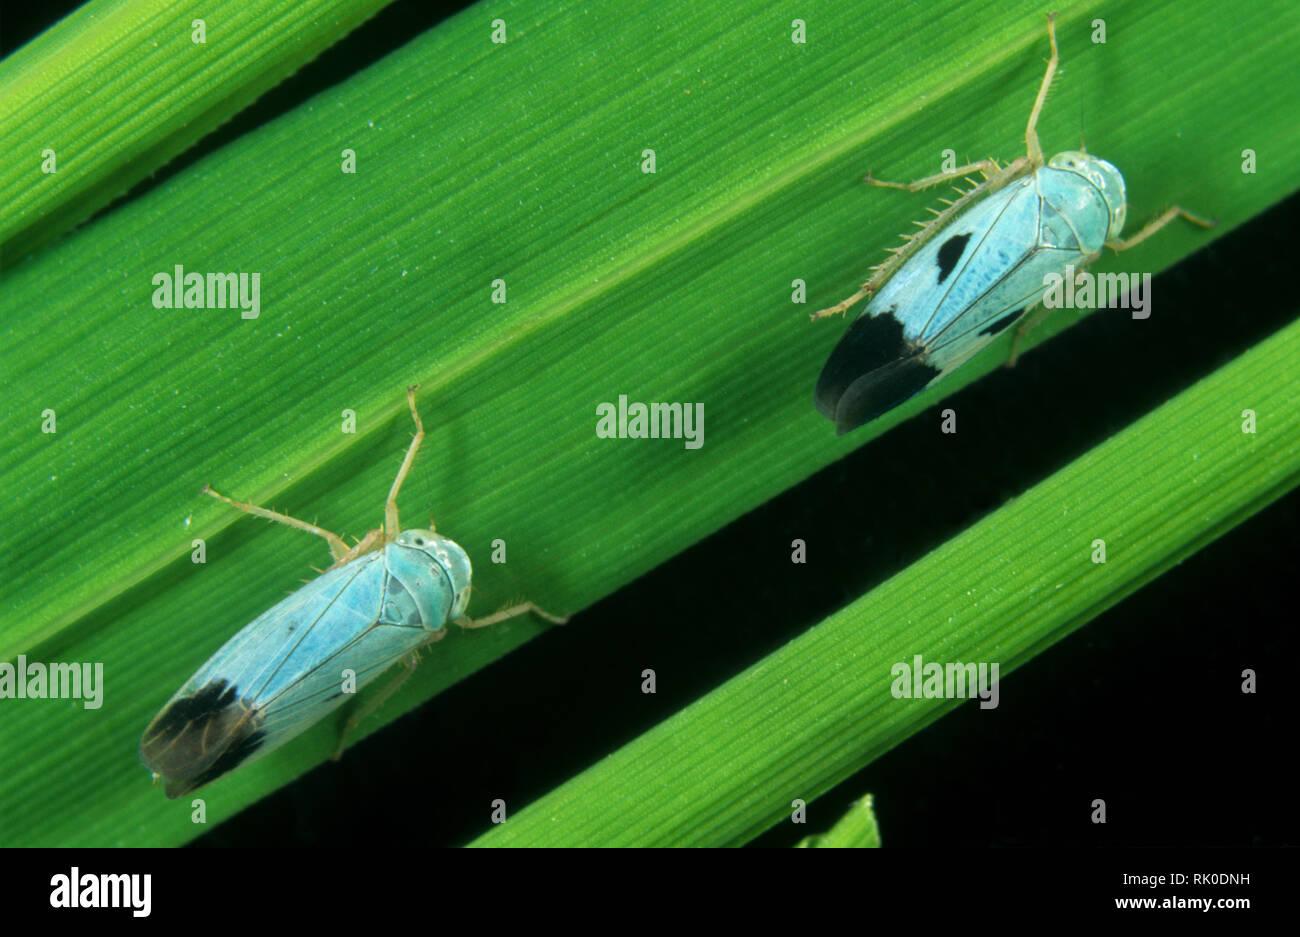 Variación de color azul de una cáscara verde saltarilla, Nephotettix virescens, un biotipo de esta especies plaga Imagen De Stock